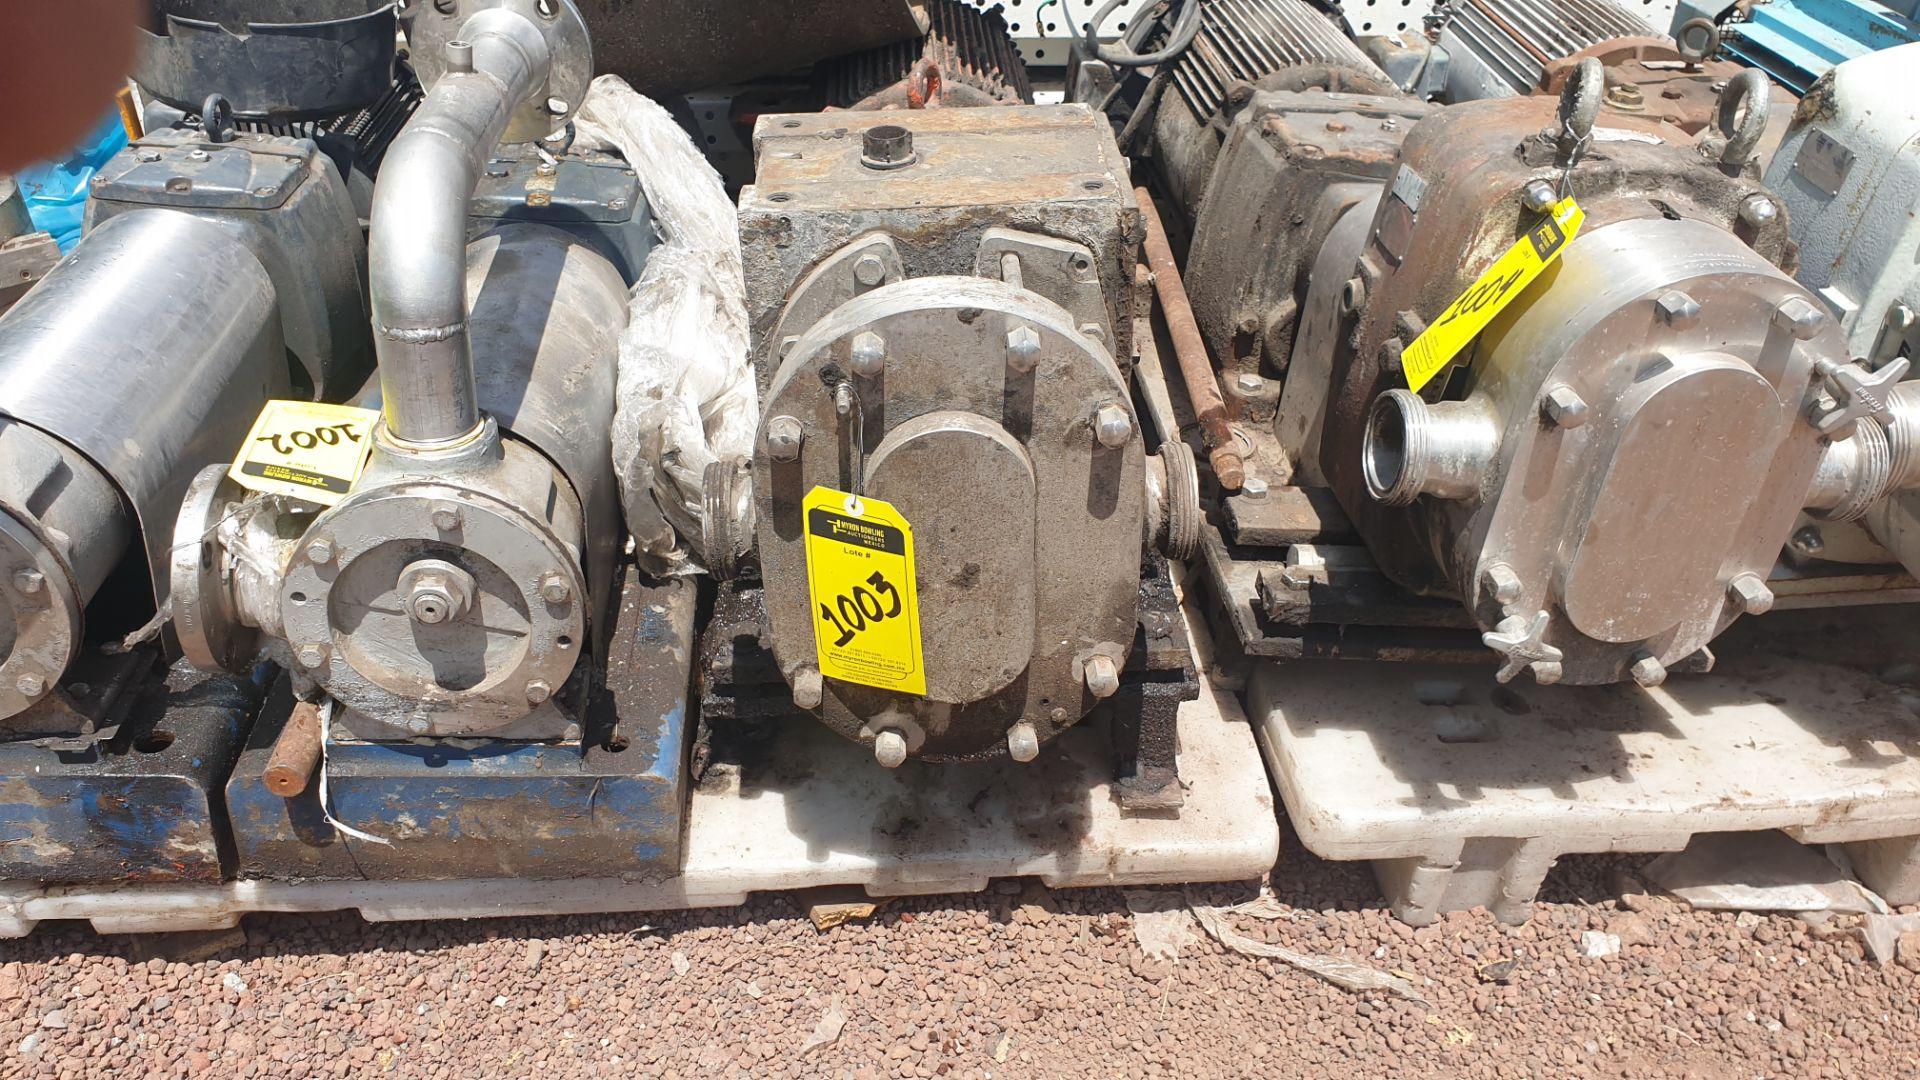 Fristam Lobe pump, includes emerson motor capacity 15HP 230v -460v